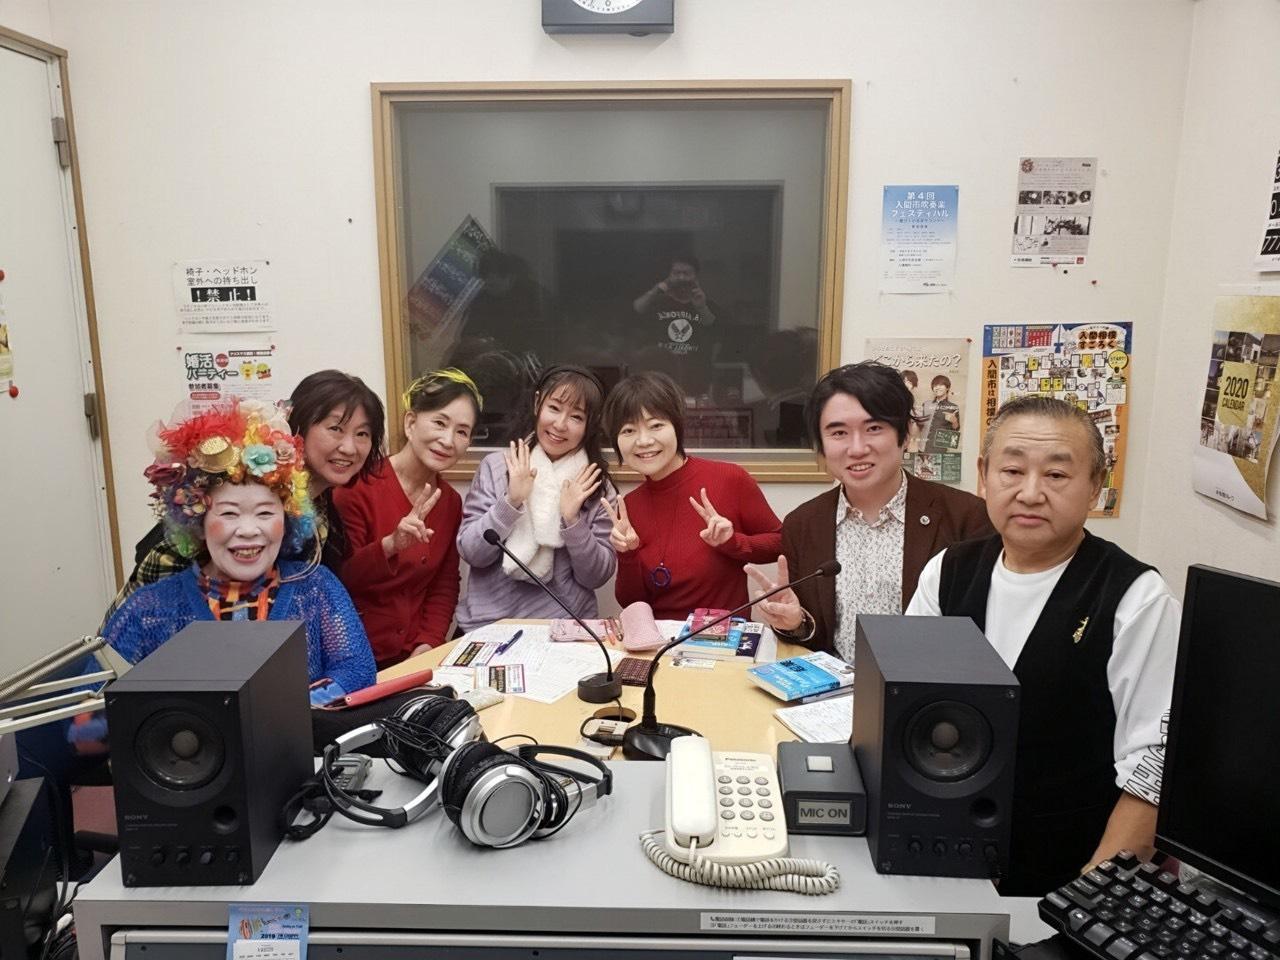 埼玉FMラジオ、FMチャッピー2019年12月2週分出演放送決定!